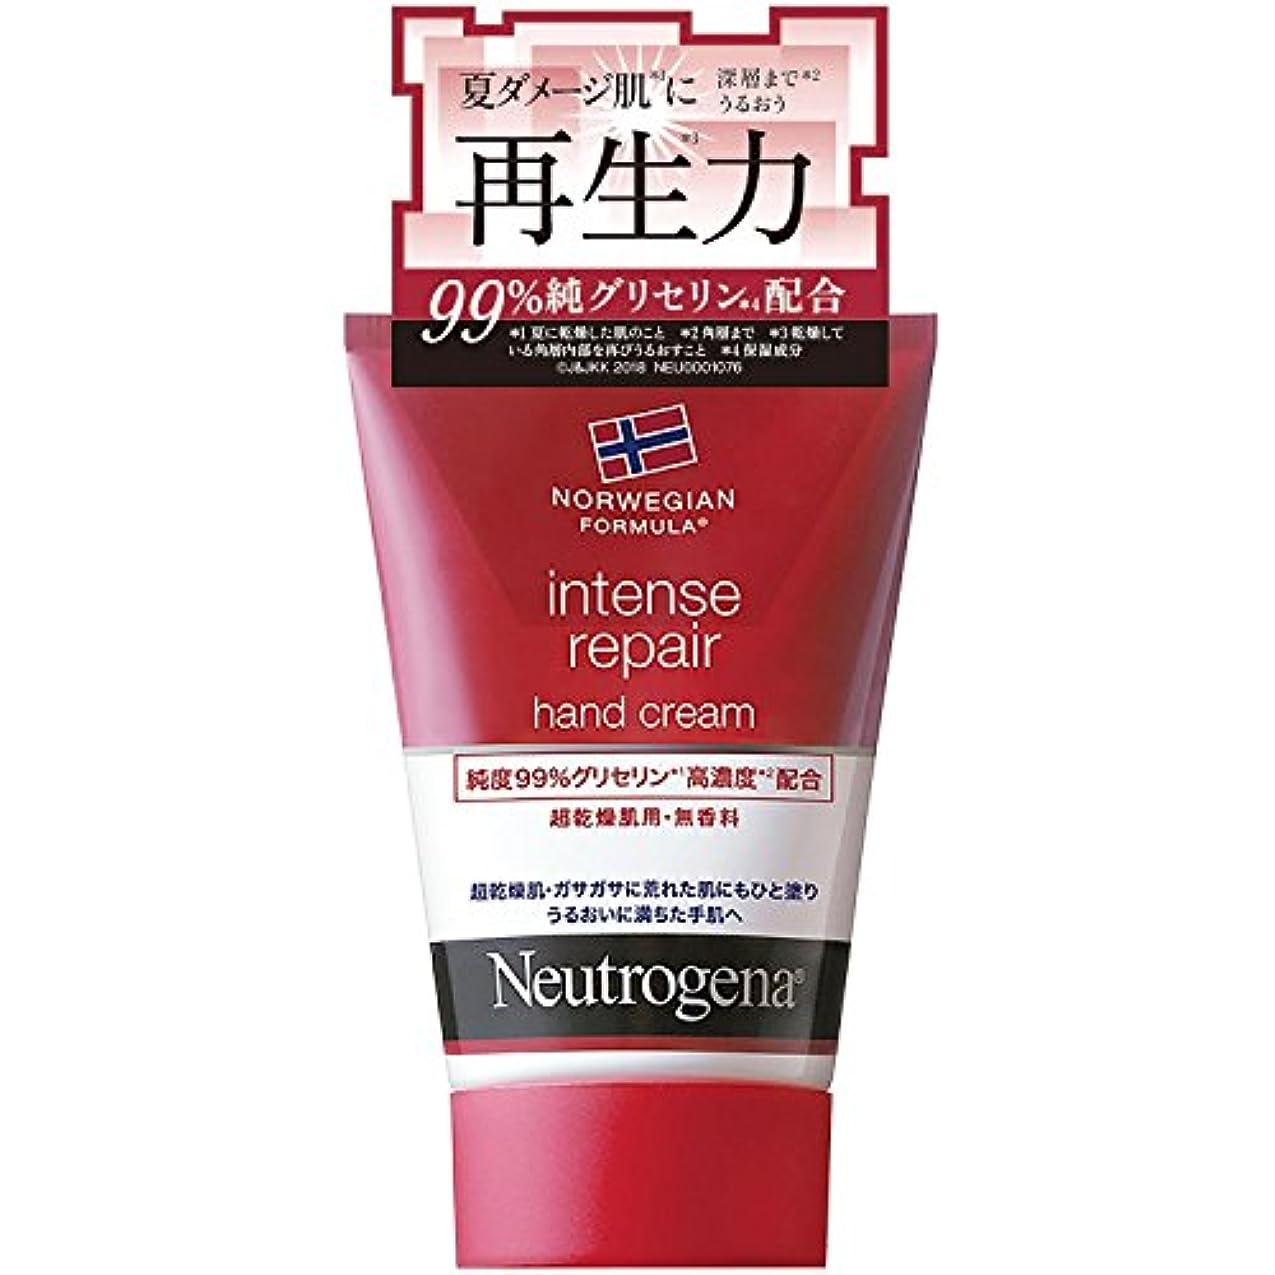 縮れた優越取り囲むNeutrogena(ニュートロジーナ) ノルウェーフォーミュラ インテンスリペア ハンドクリーム 超乾燥肌用 無香料 単品 50g